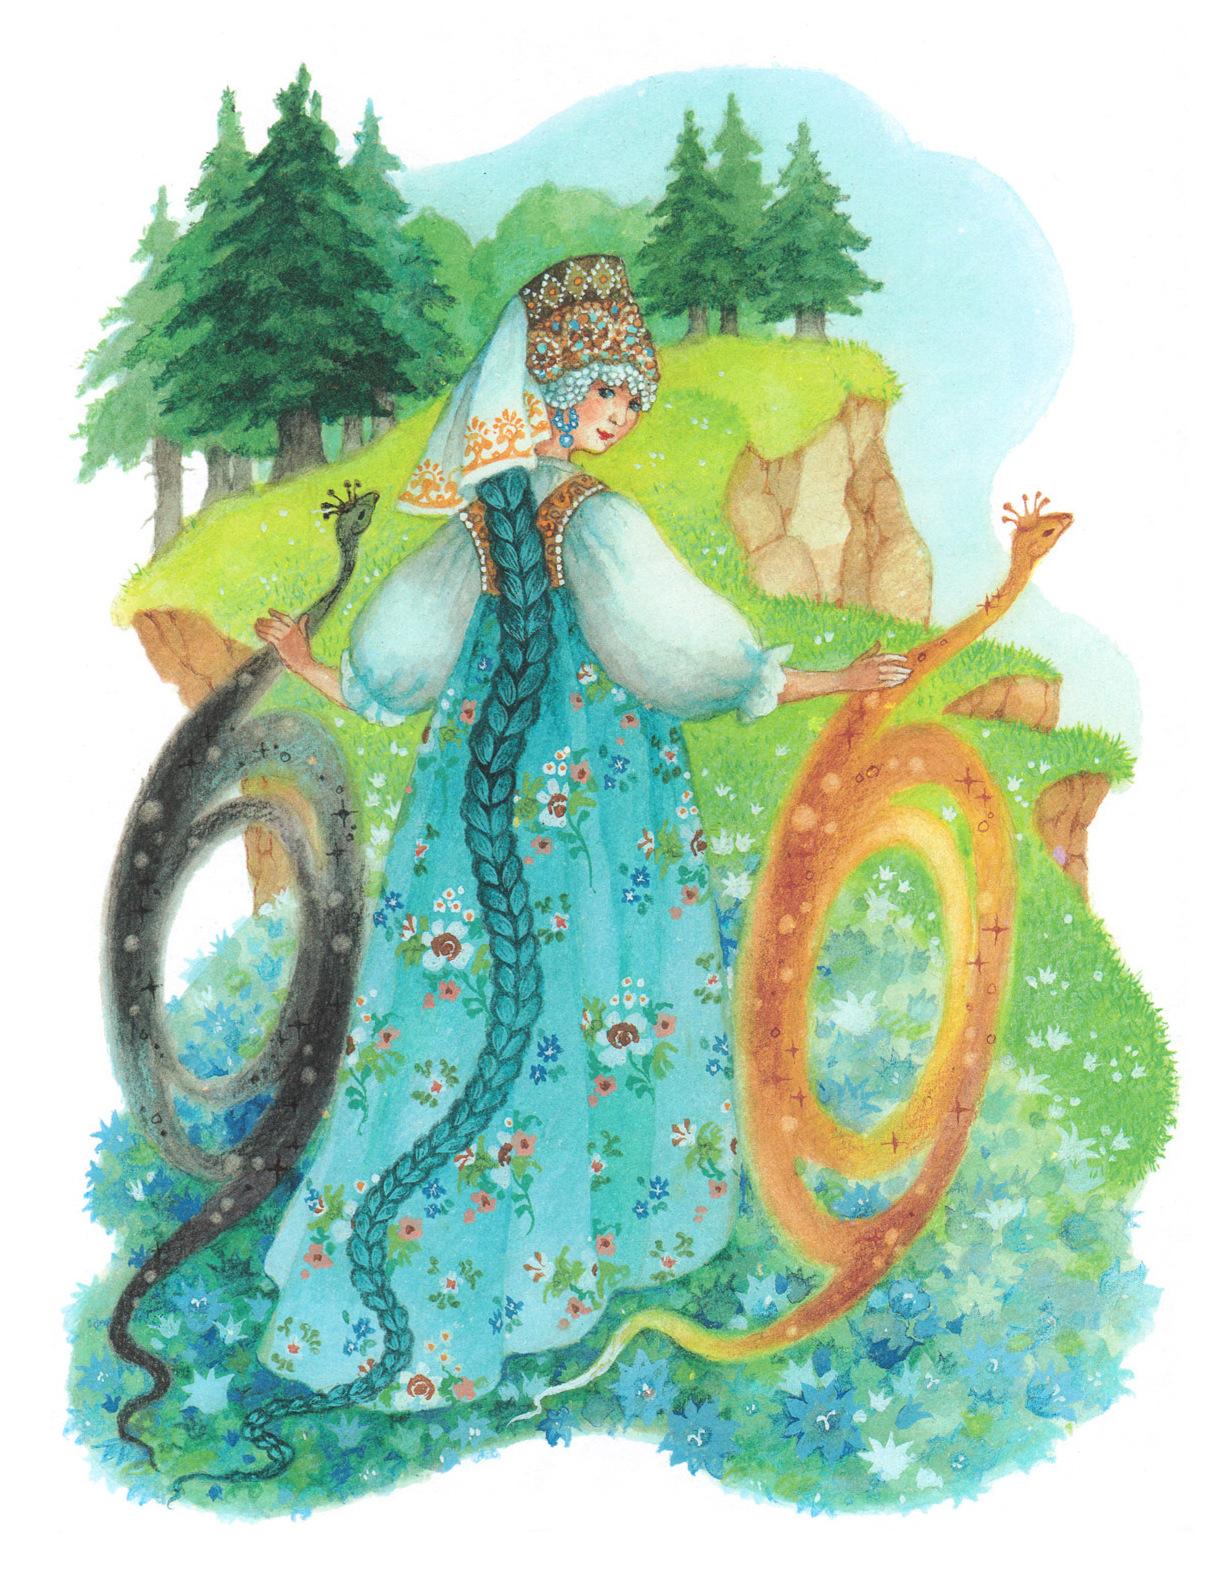 Картинки сказки бажова голубая змейка, цветы женщине картинка